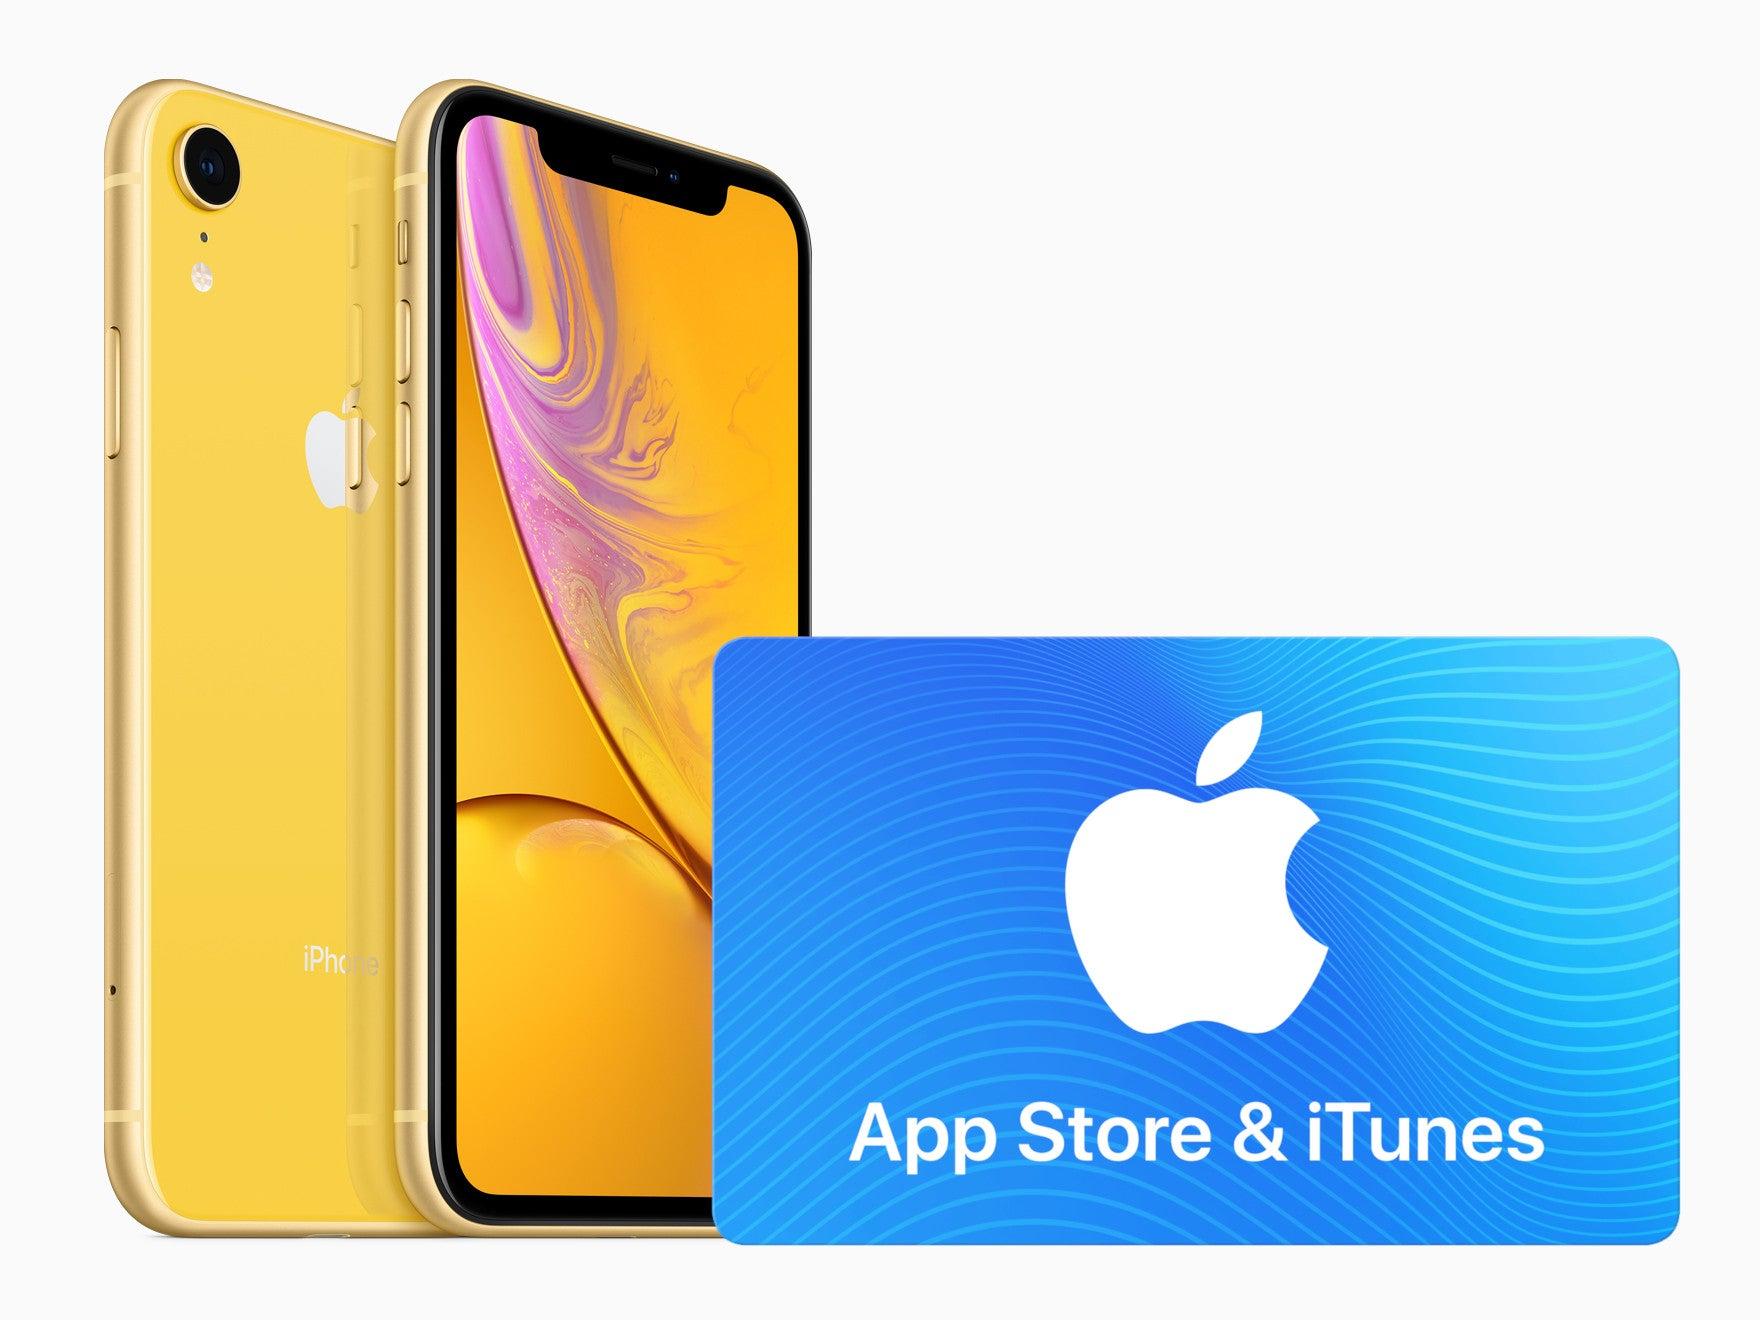 iPhone XR und Apple iTunes Geschenkkarte